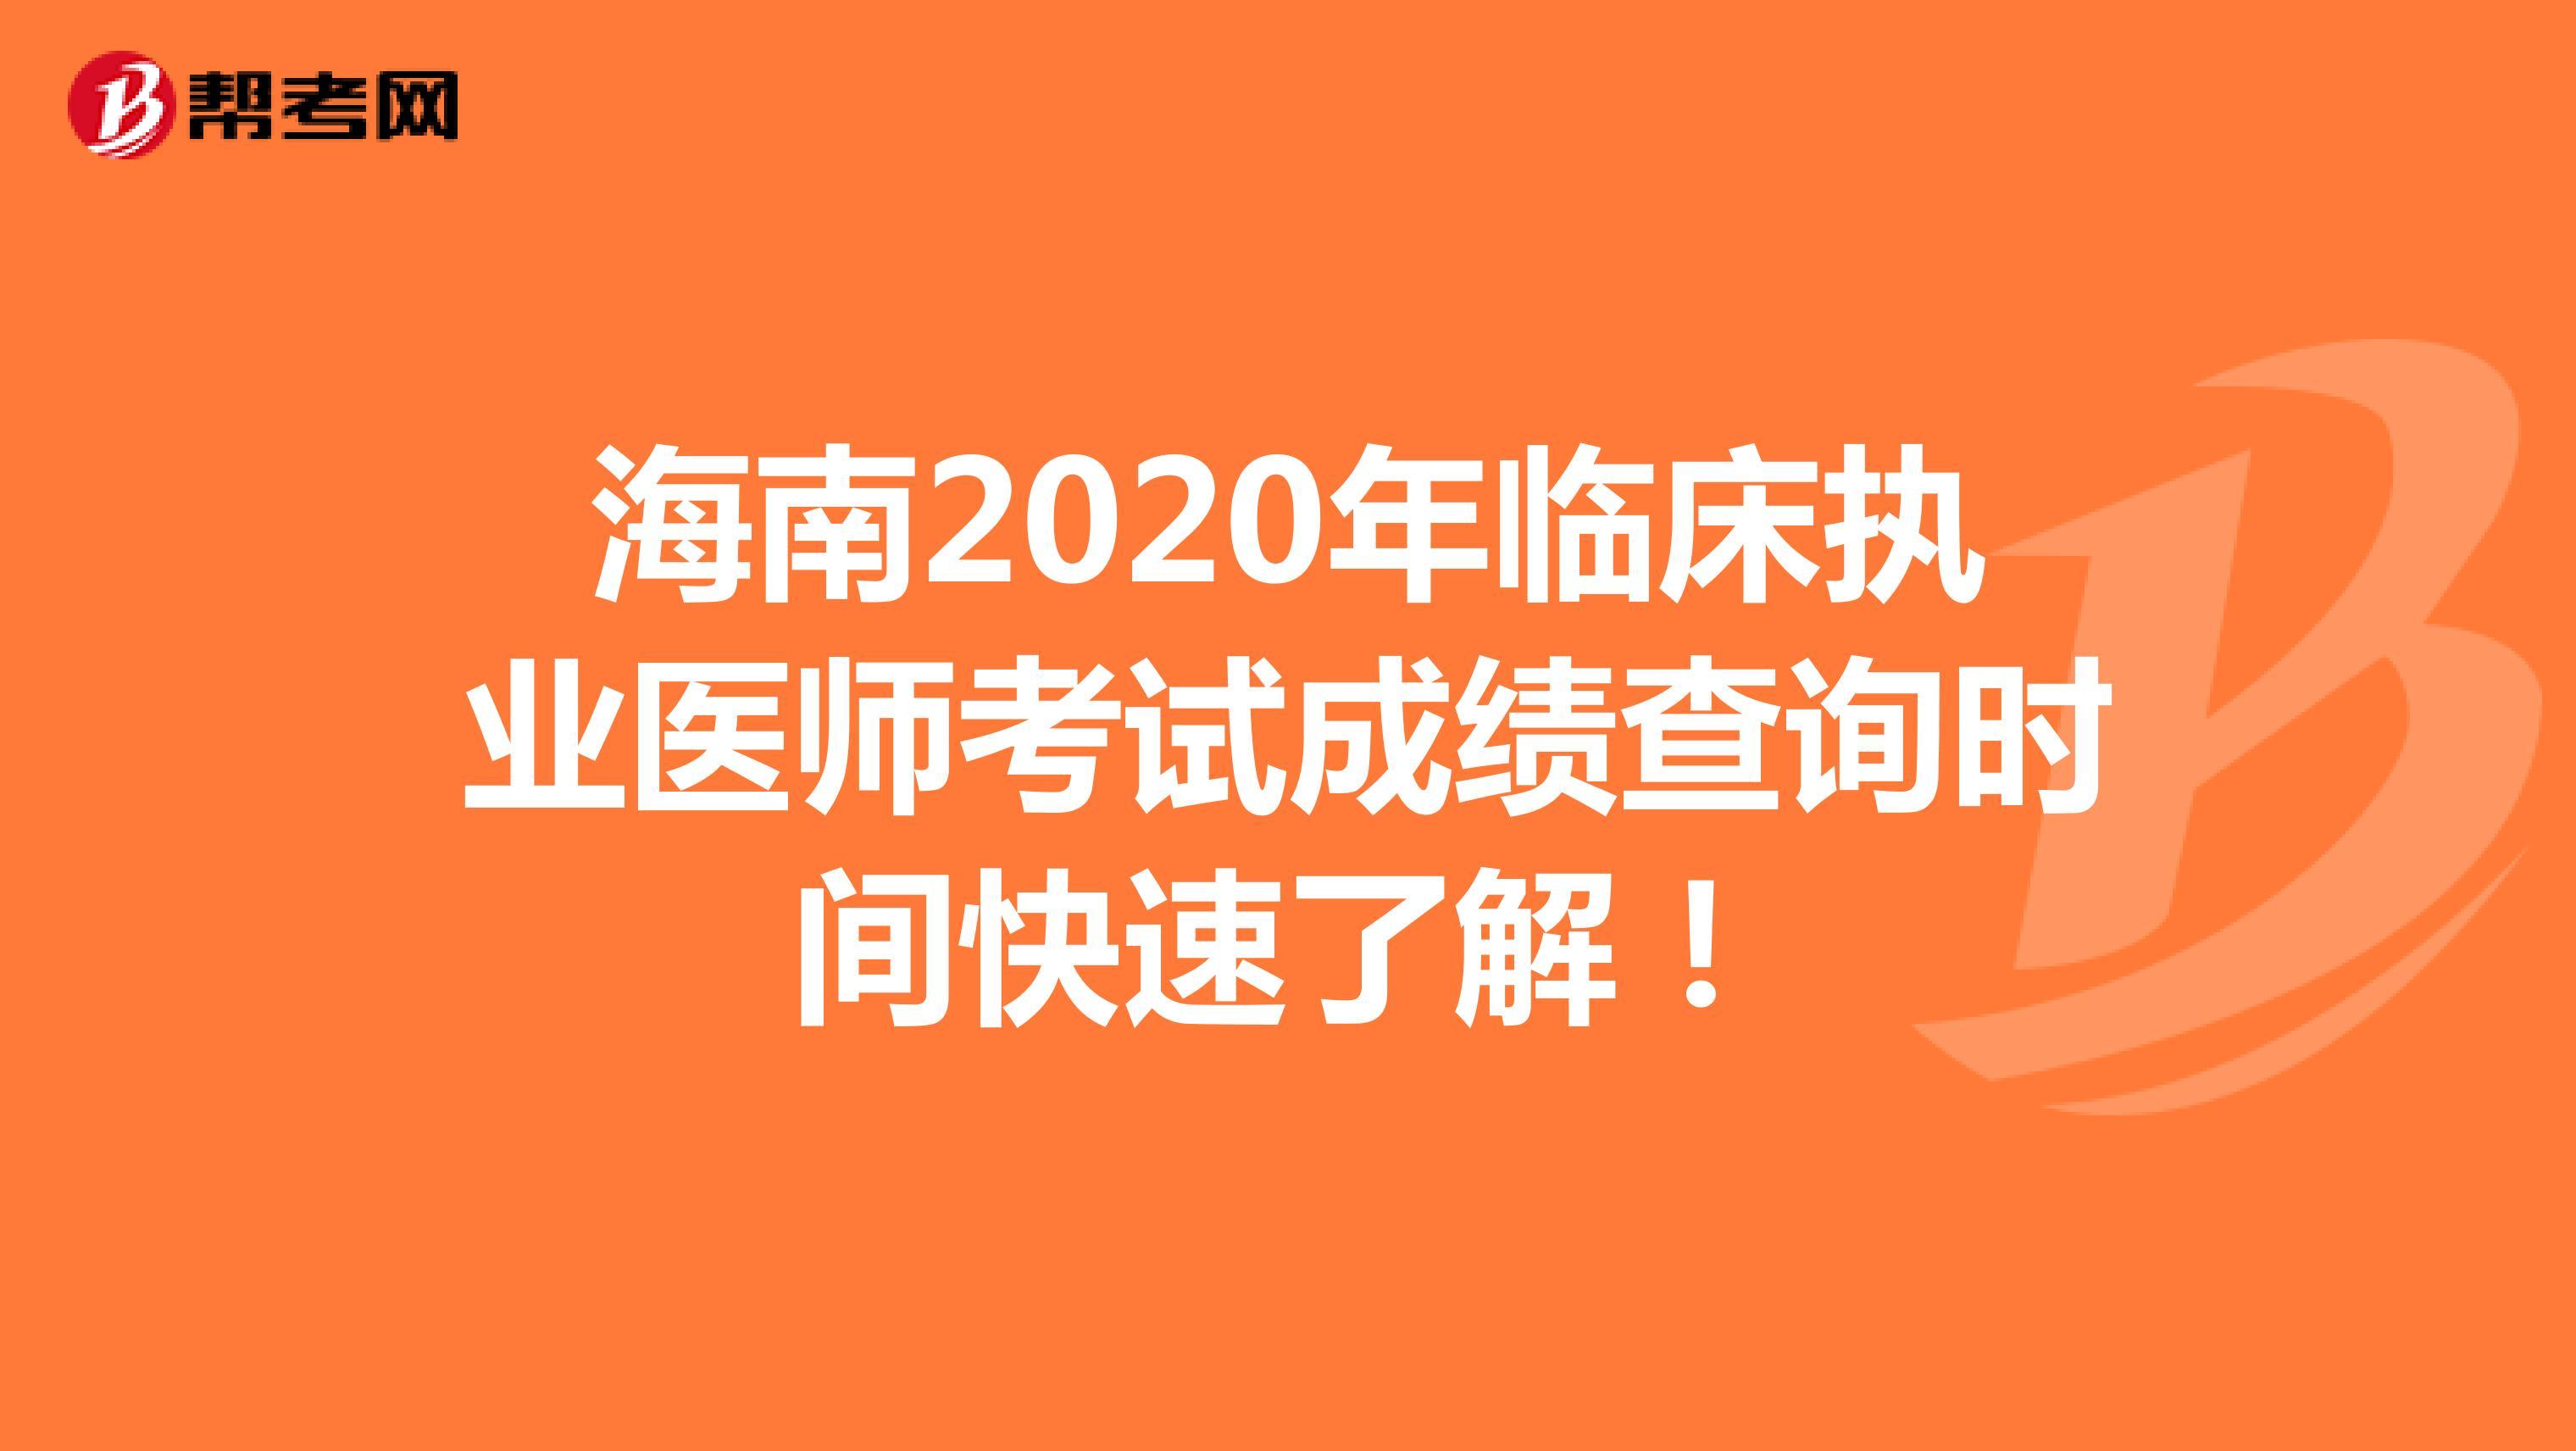 海南2020年临床执业医师考试成绩查询时间快速了解!